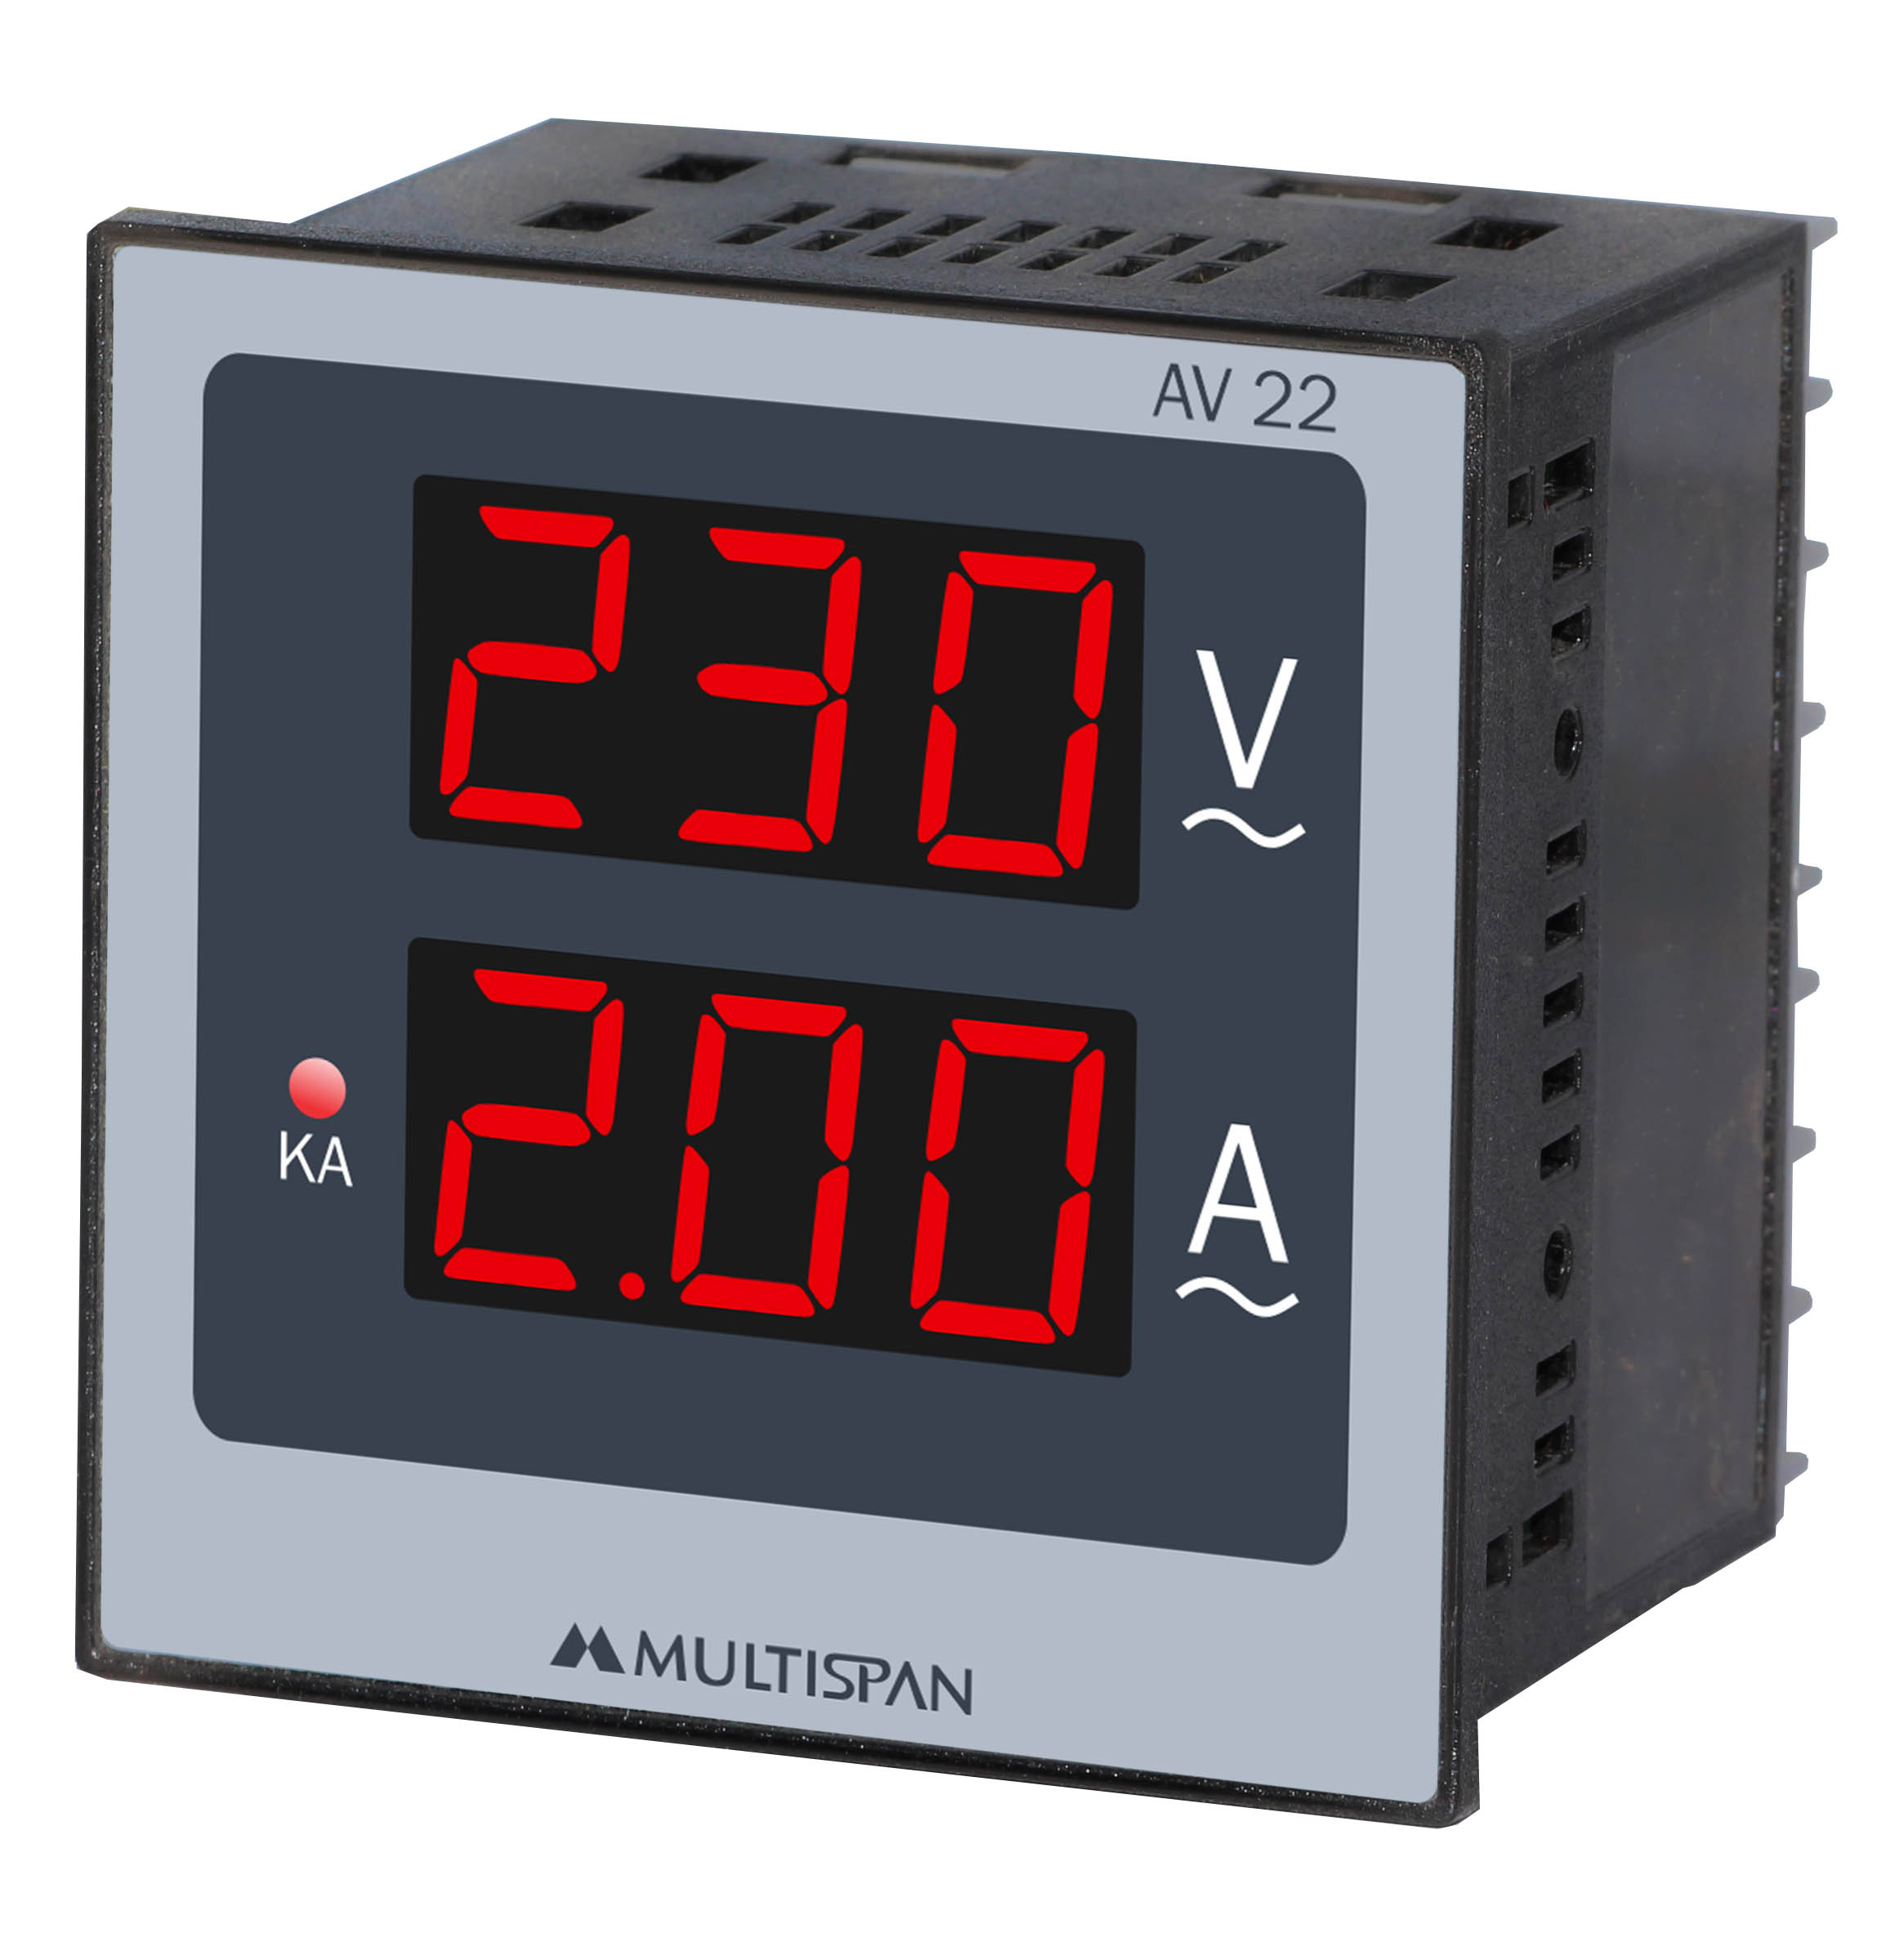 Đồng hồ đo điện áp, dòng điện 1 pha